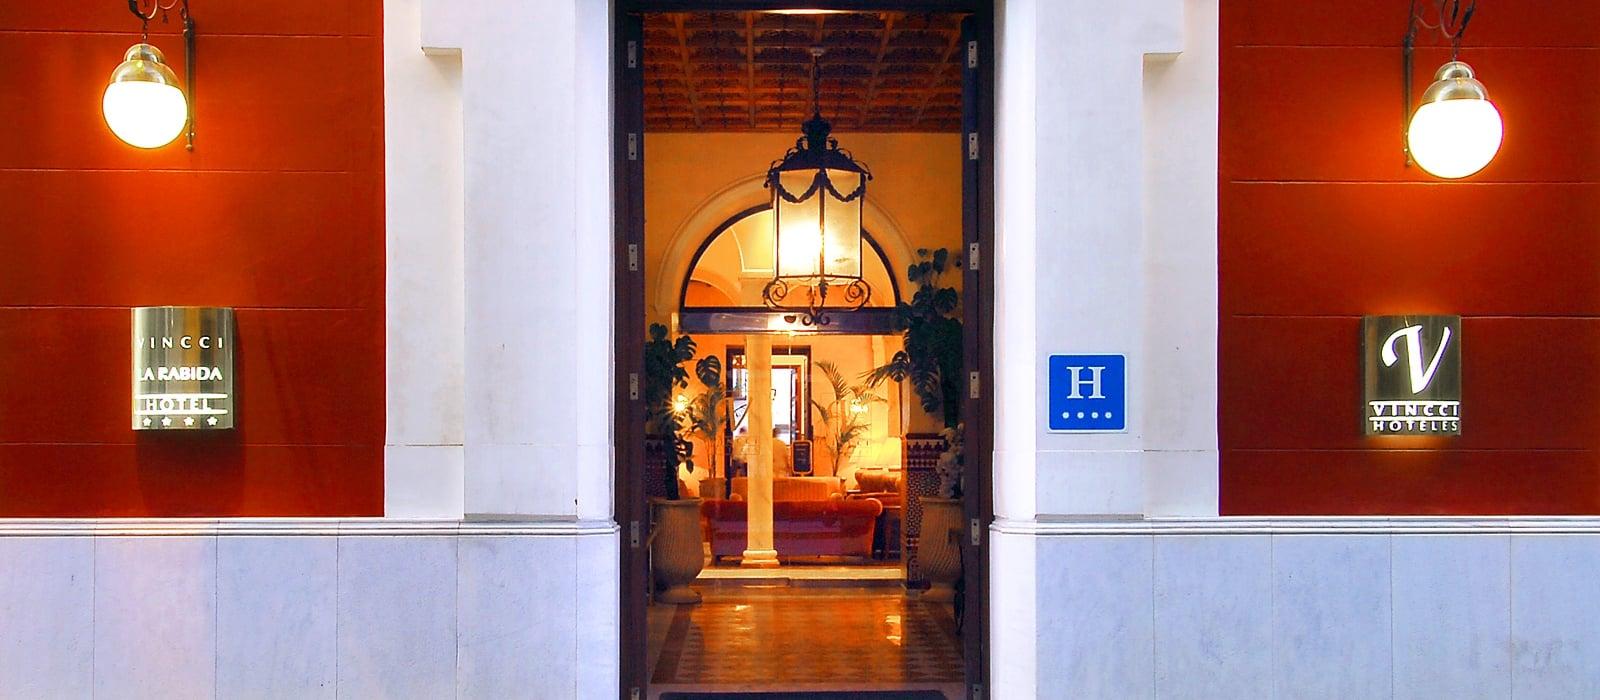 Außenansicht Hotel - Vincci La Rábida 4*